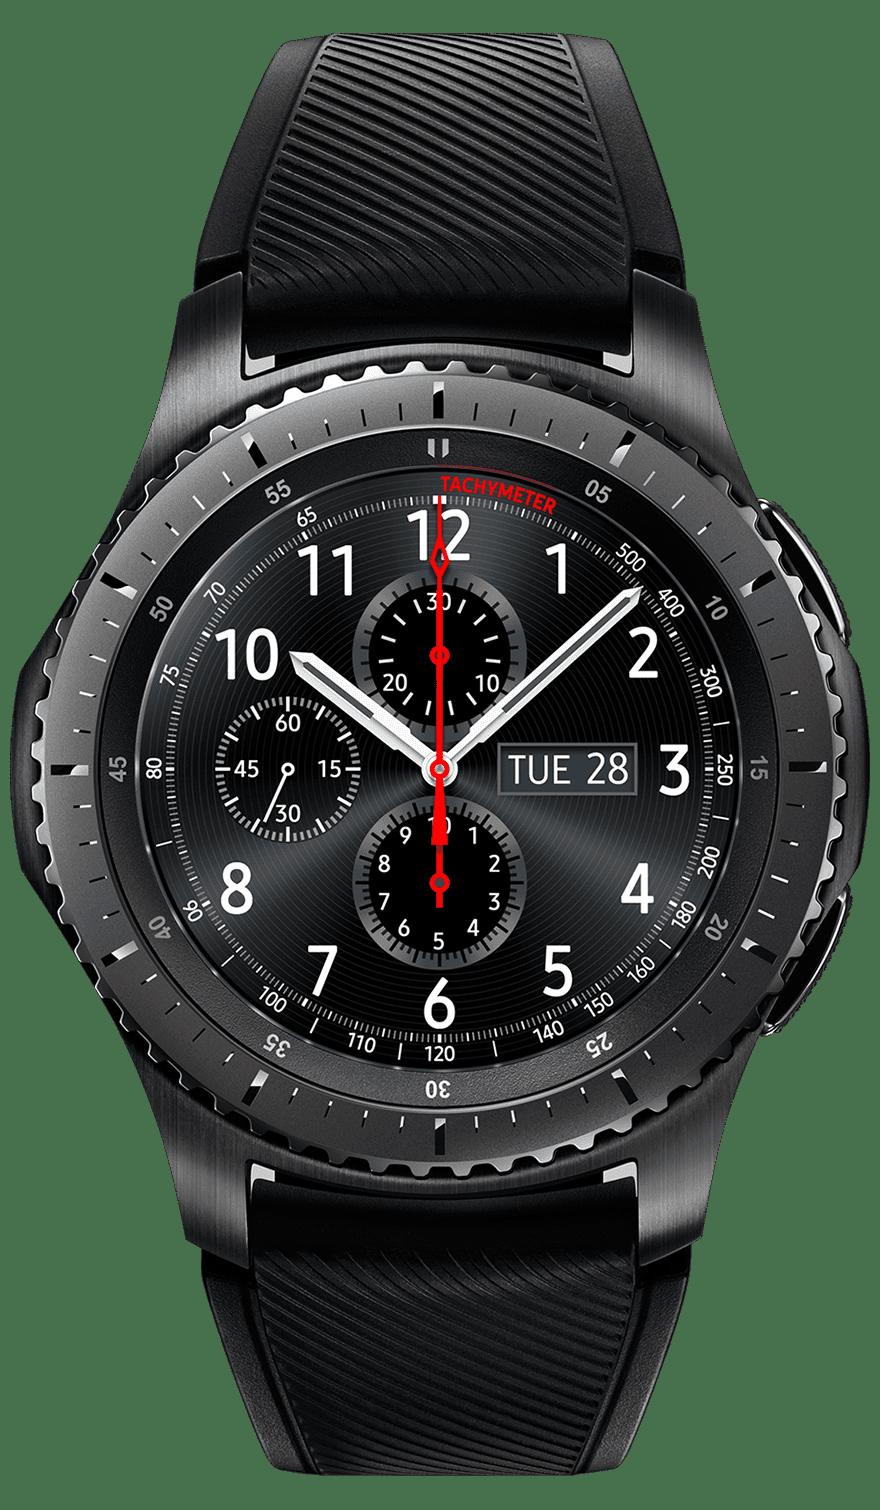 Рис. 1. «Умные часы» Gear S3 Classic – оптимальный выбор для любого пользователя.